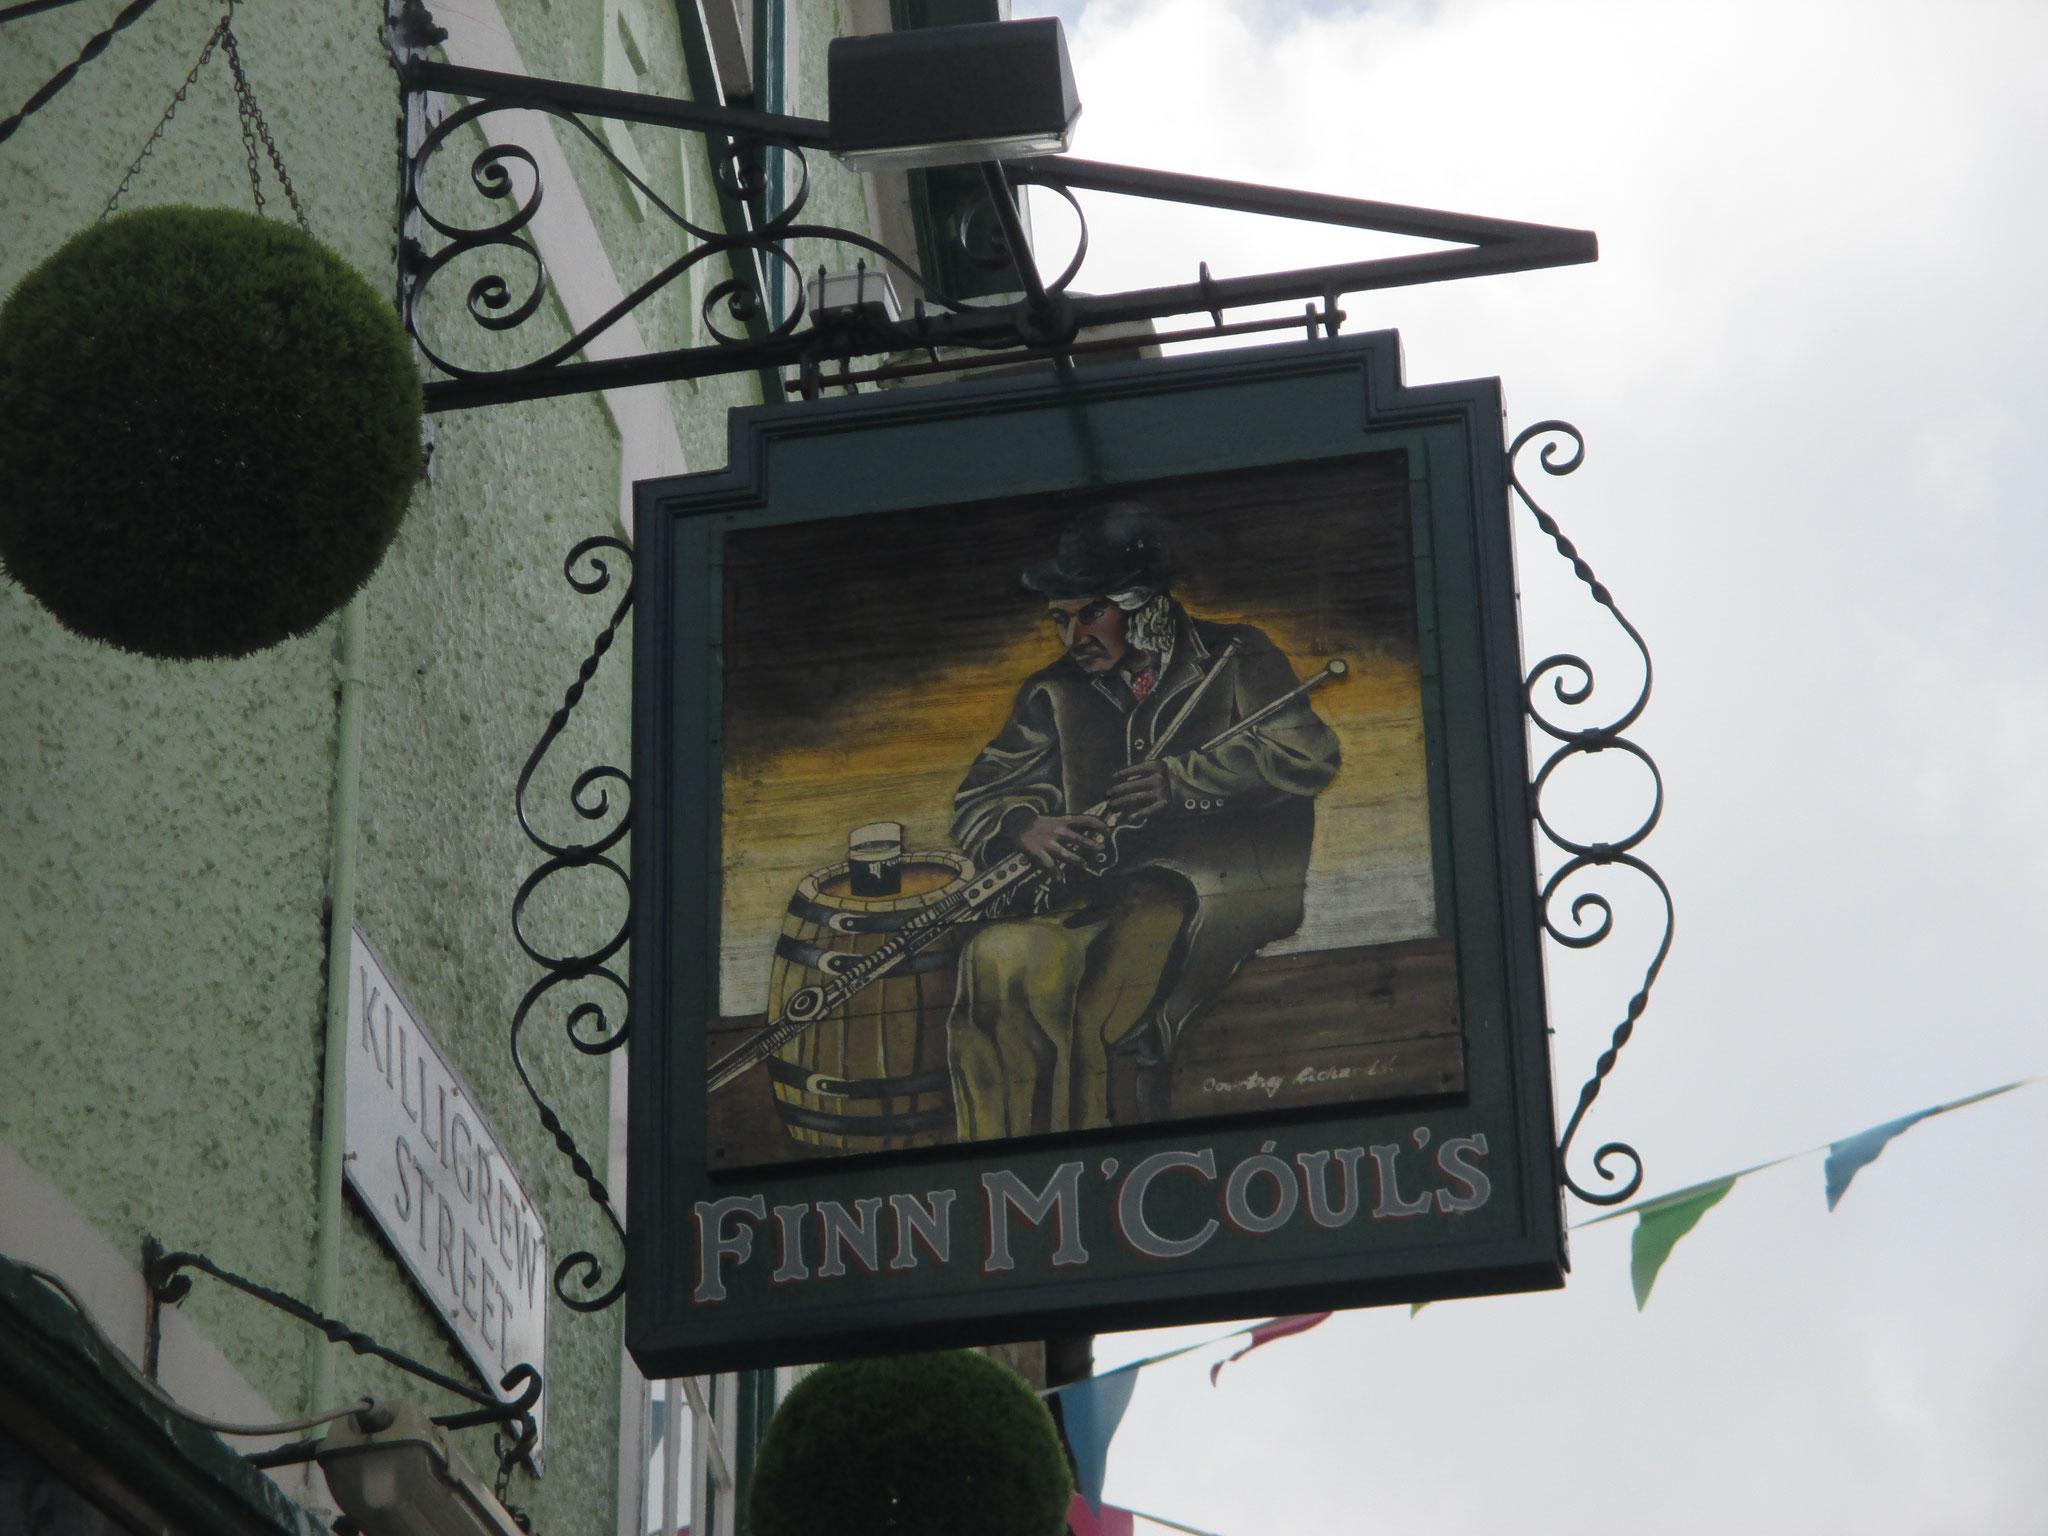 wie kann man diesen schönen alten Pub-Schildern widerstehen?